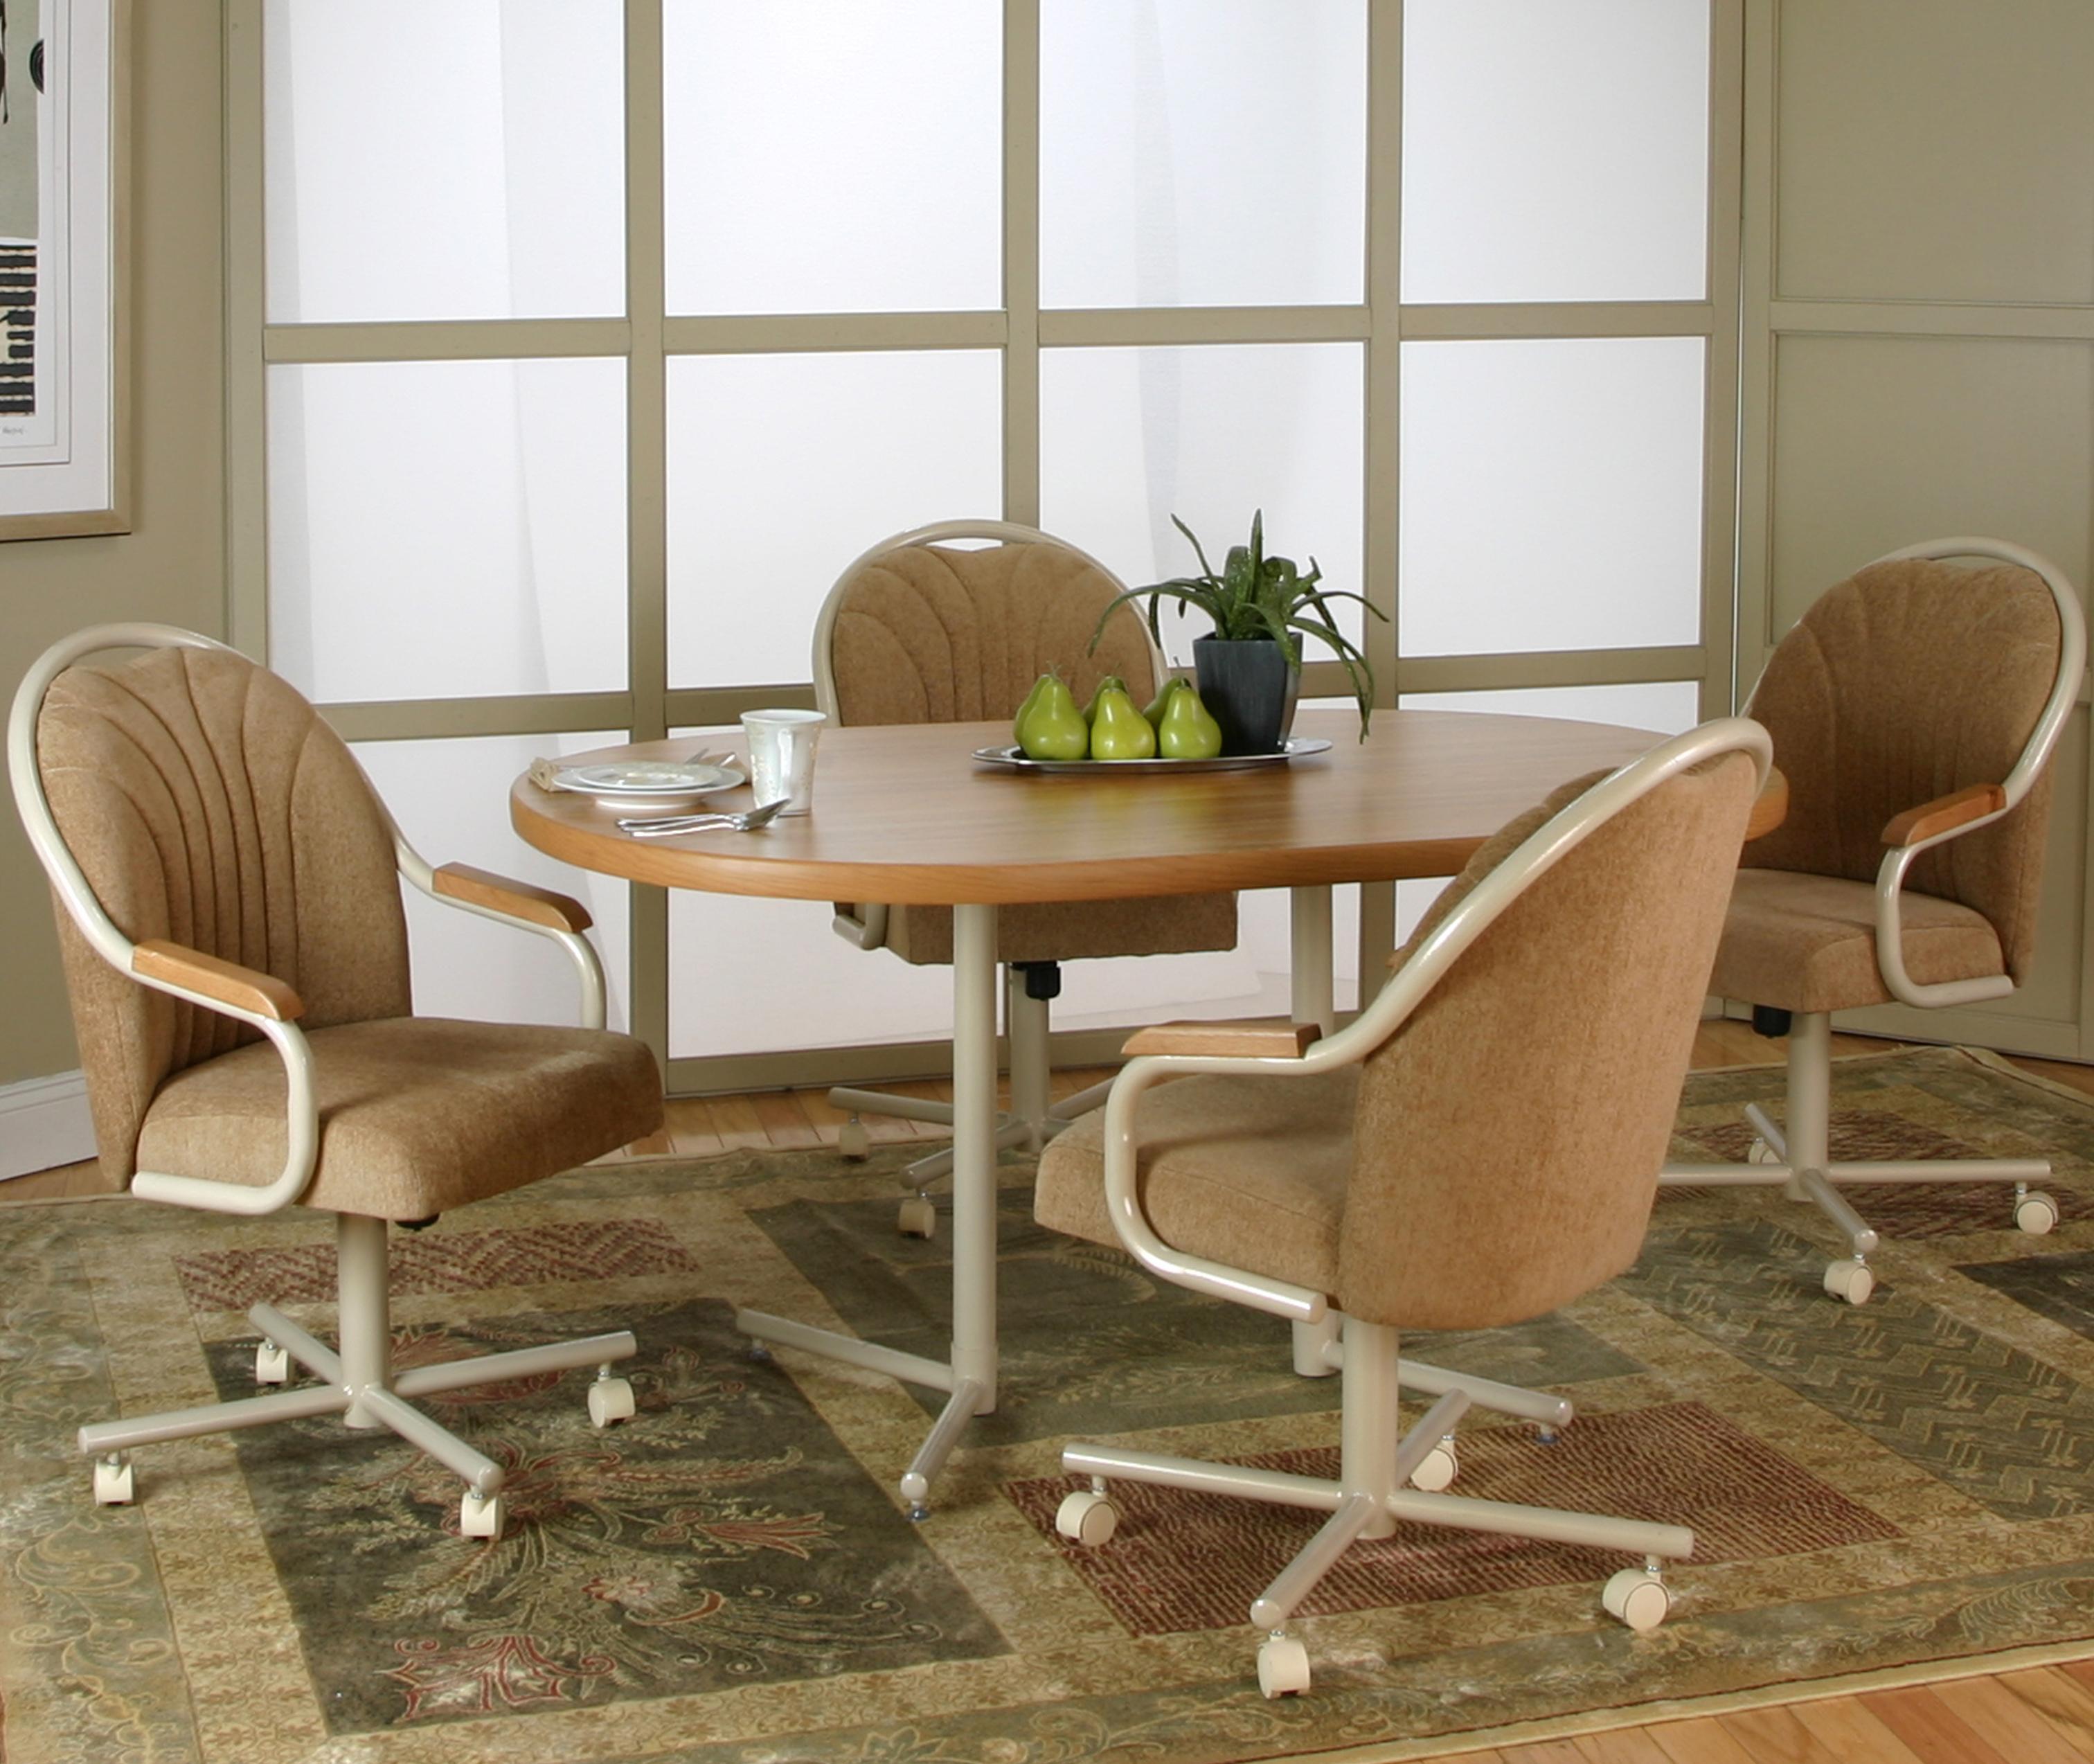 Cramco, Inc Blair 5 Piece Dining Set - Item Number: D8047-74+72+4x08+07